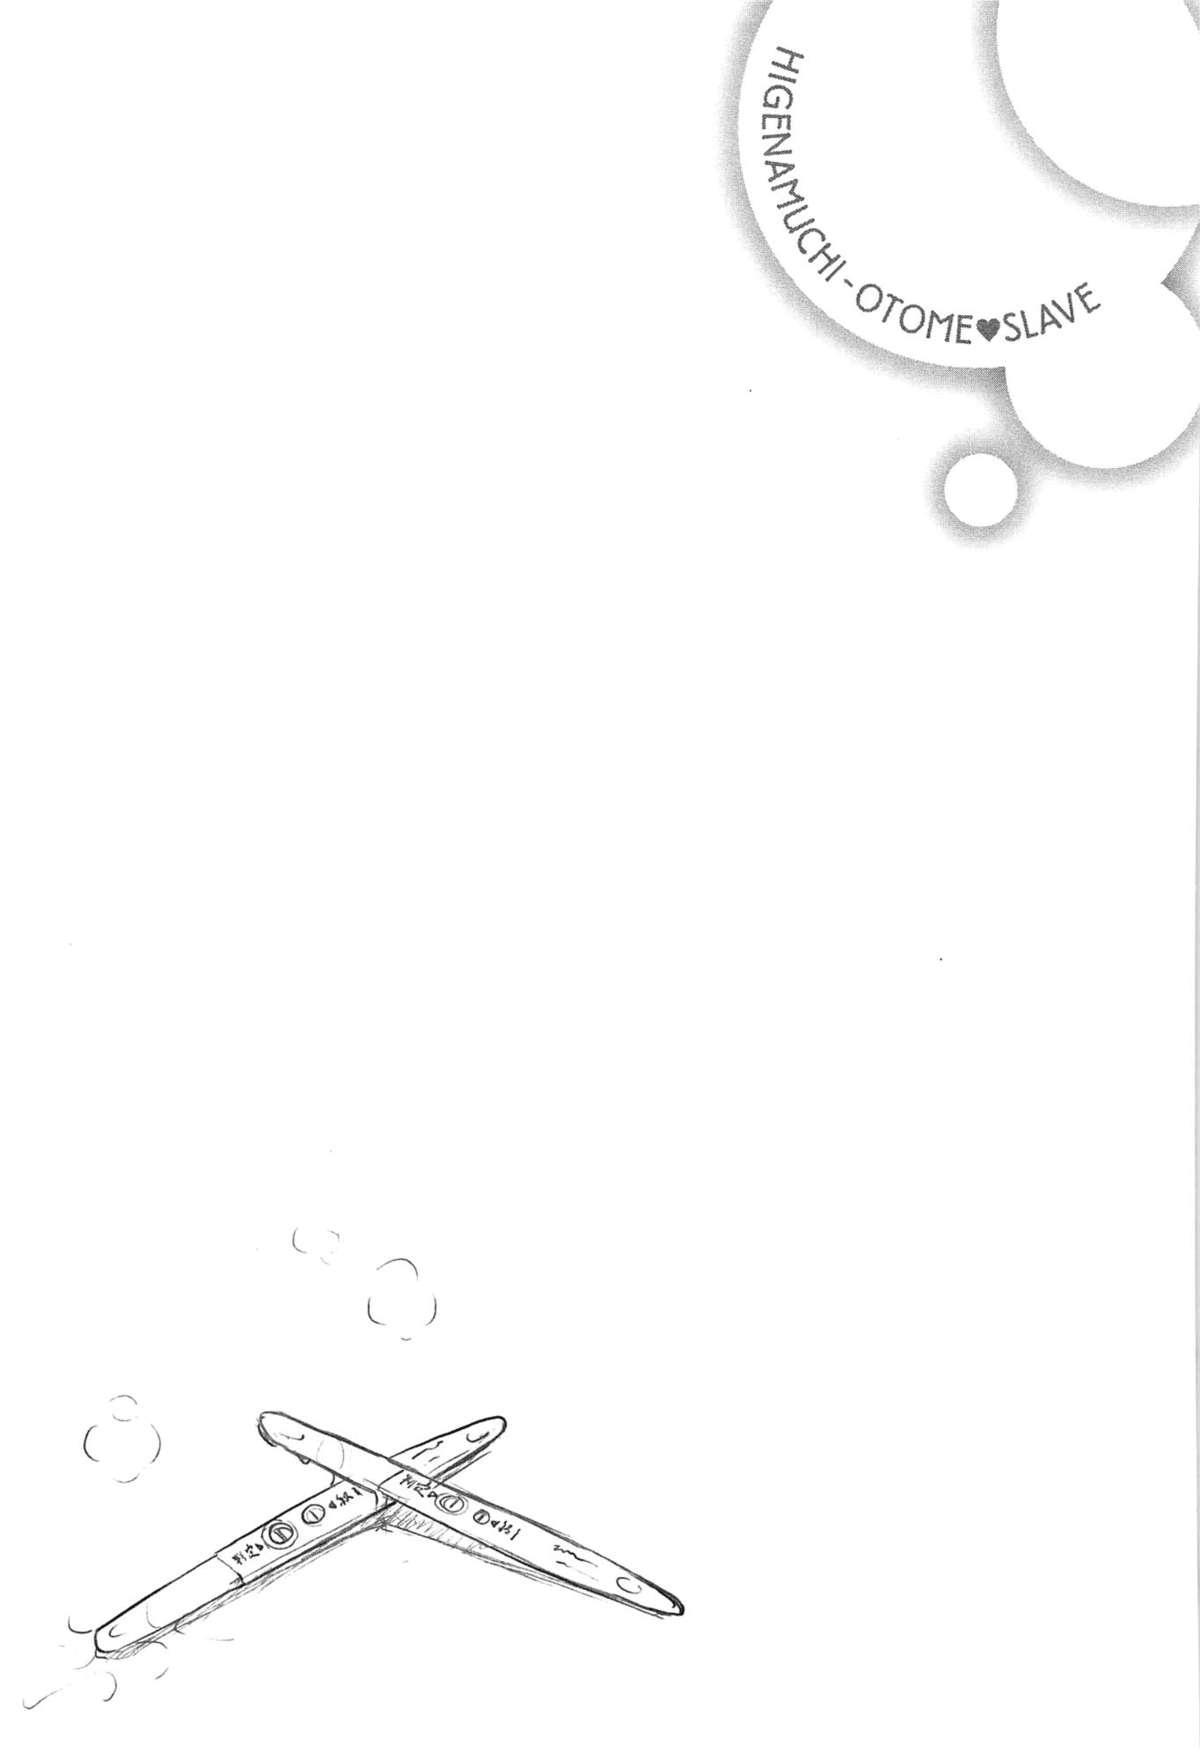 [Higenamuchi] Otome Kuzushi Ch. 1-3, 6-7 [English] [HimaHimaSeijin + woootskie] 80